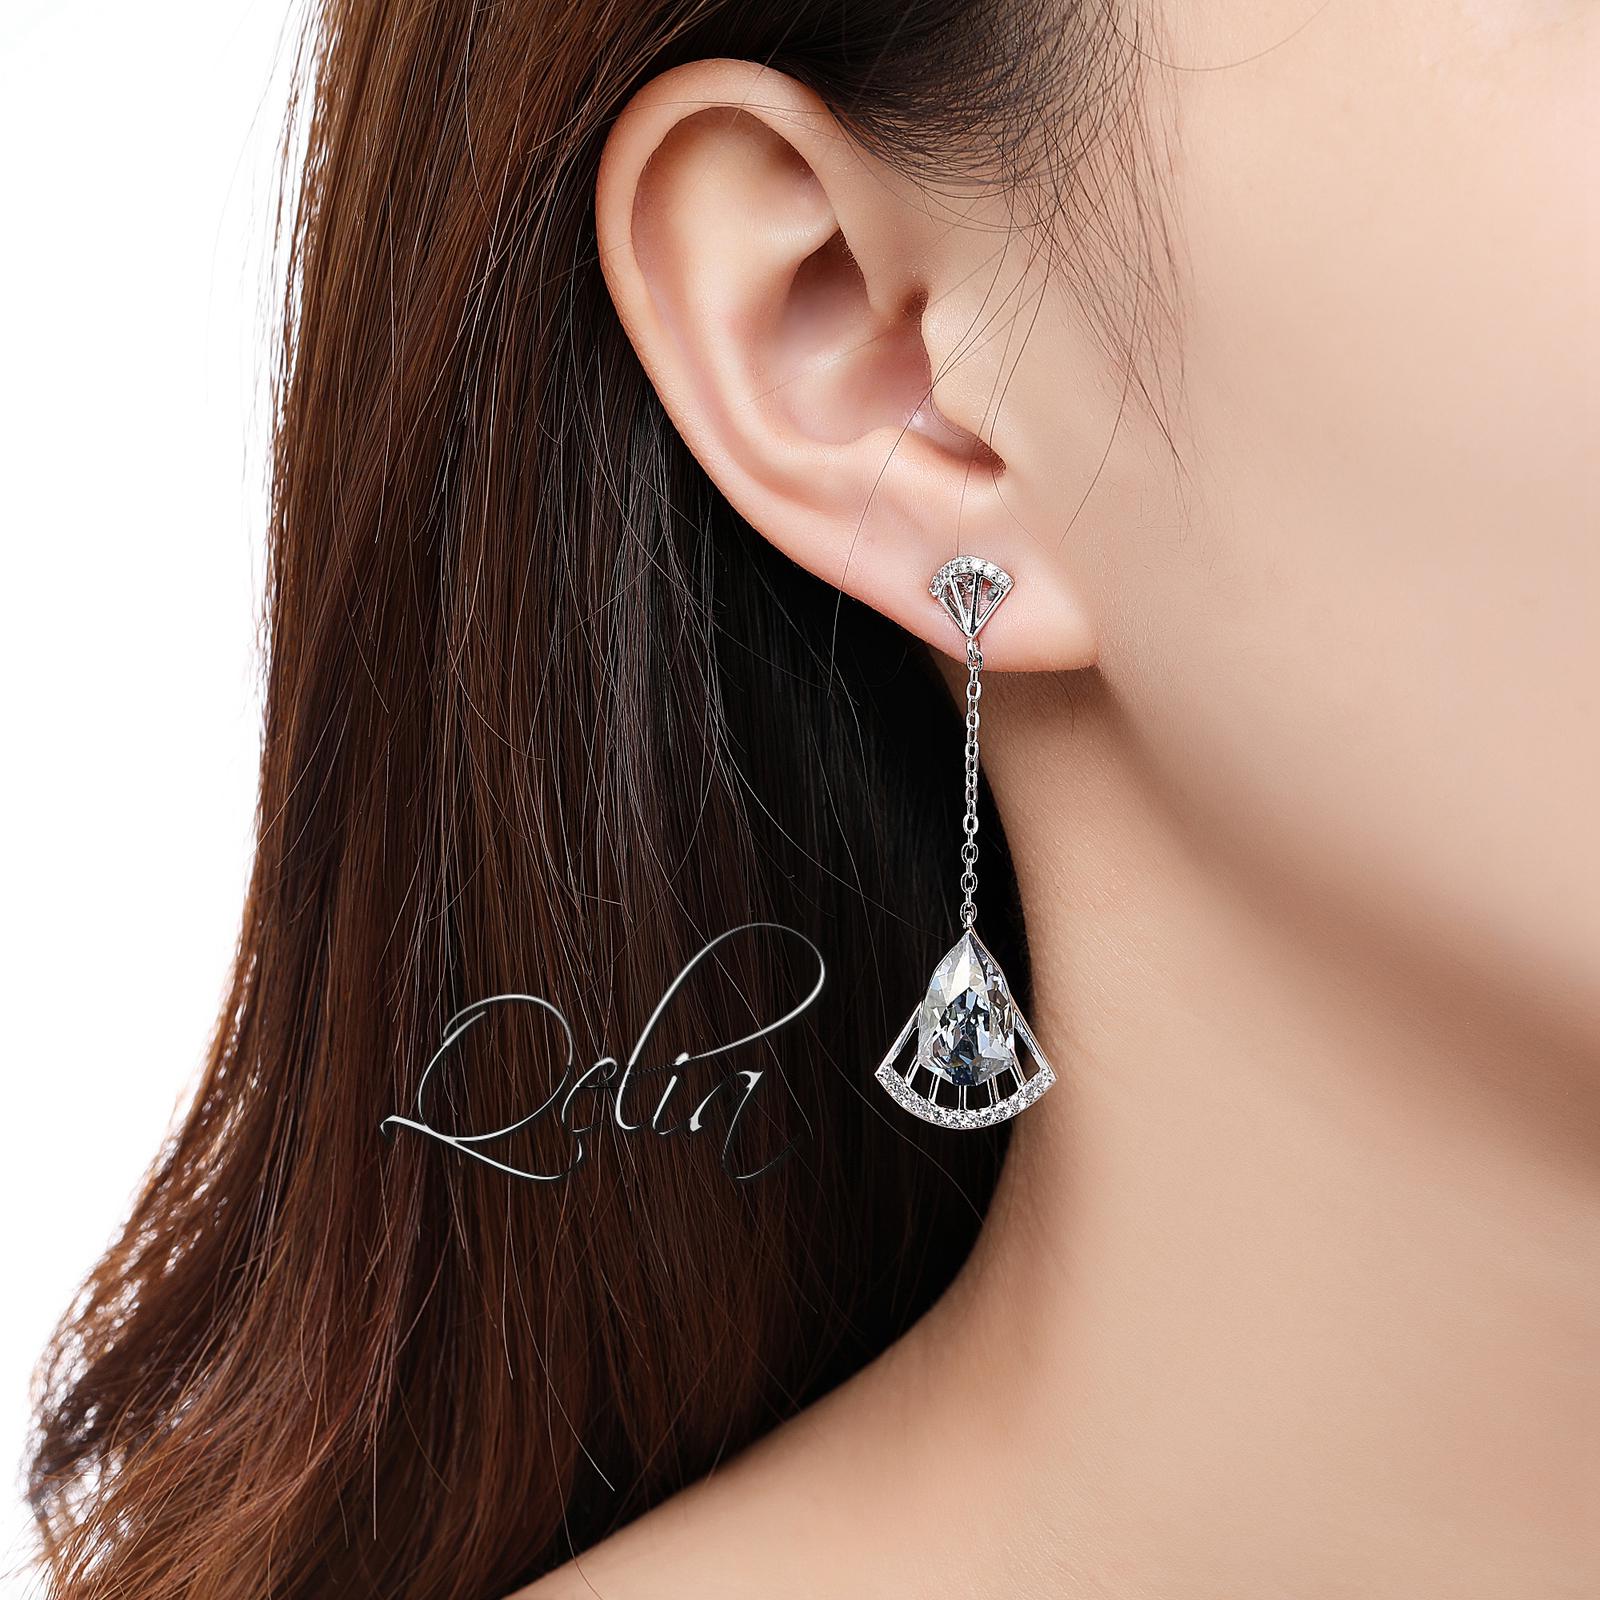 Stylish Long Fan Shape Drop Earrings Women Party Shining Blue Austrian Crystals